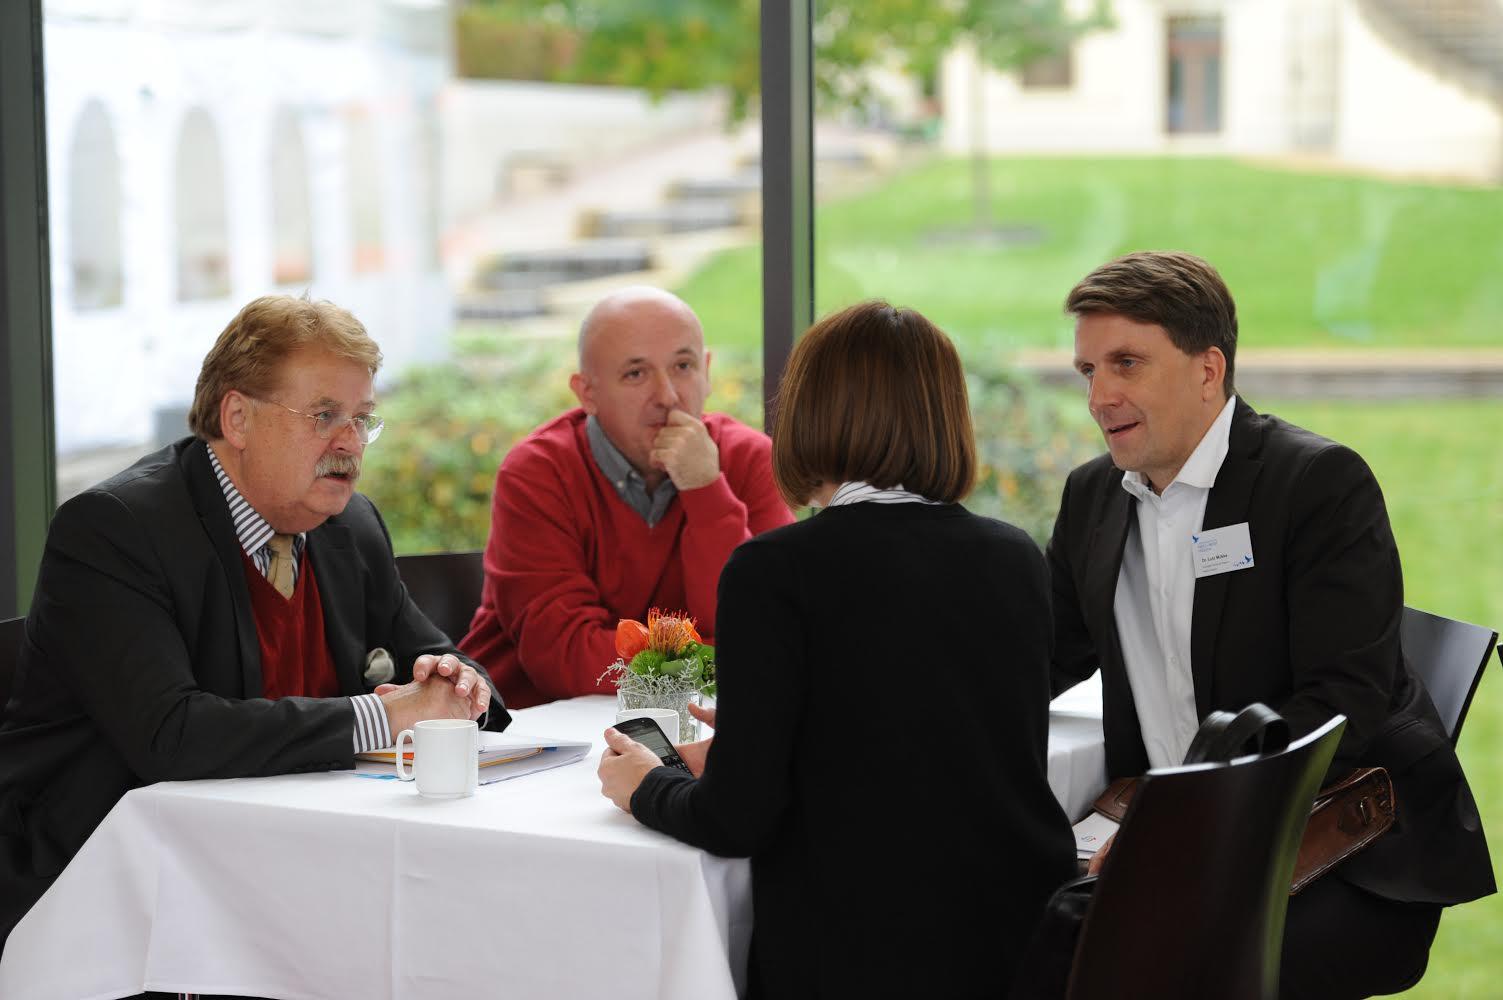 Elmar Brok, président de la commission des affaires étrangères du Parlement européen et membre de longue date du conseil d'administration du VPE, en conversation avec les membres de l'ECPMF, Vladimir Radomirovic, rédacteur en chef de Pištaljka / Serbie; Ljiljana Smajlović, présidente de l'Association des journalistes de Serbie et Dr Lutz Mükke, directeur général ECPMF (c) ECPMF 2015